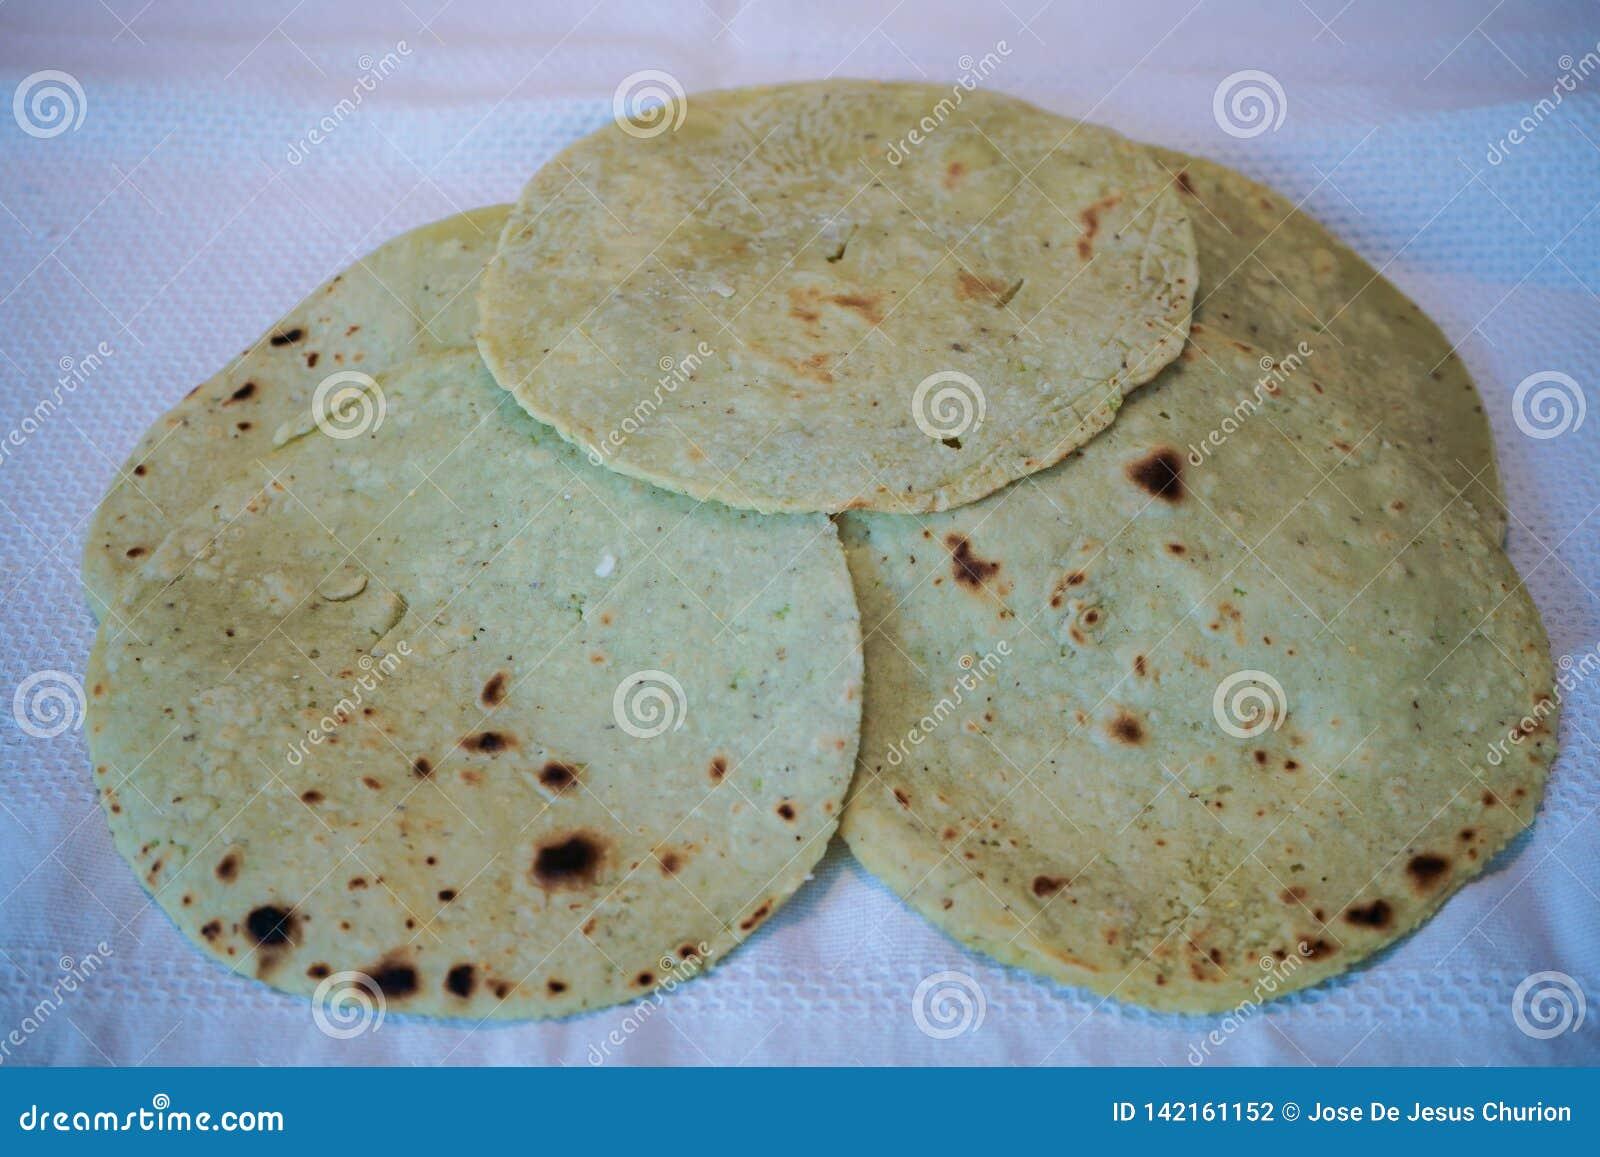 Healthy cactus tortillas.